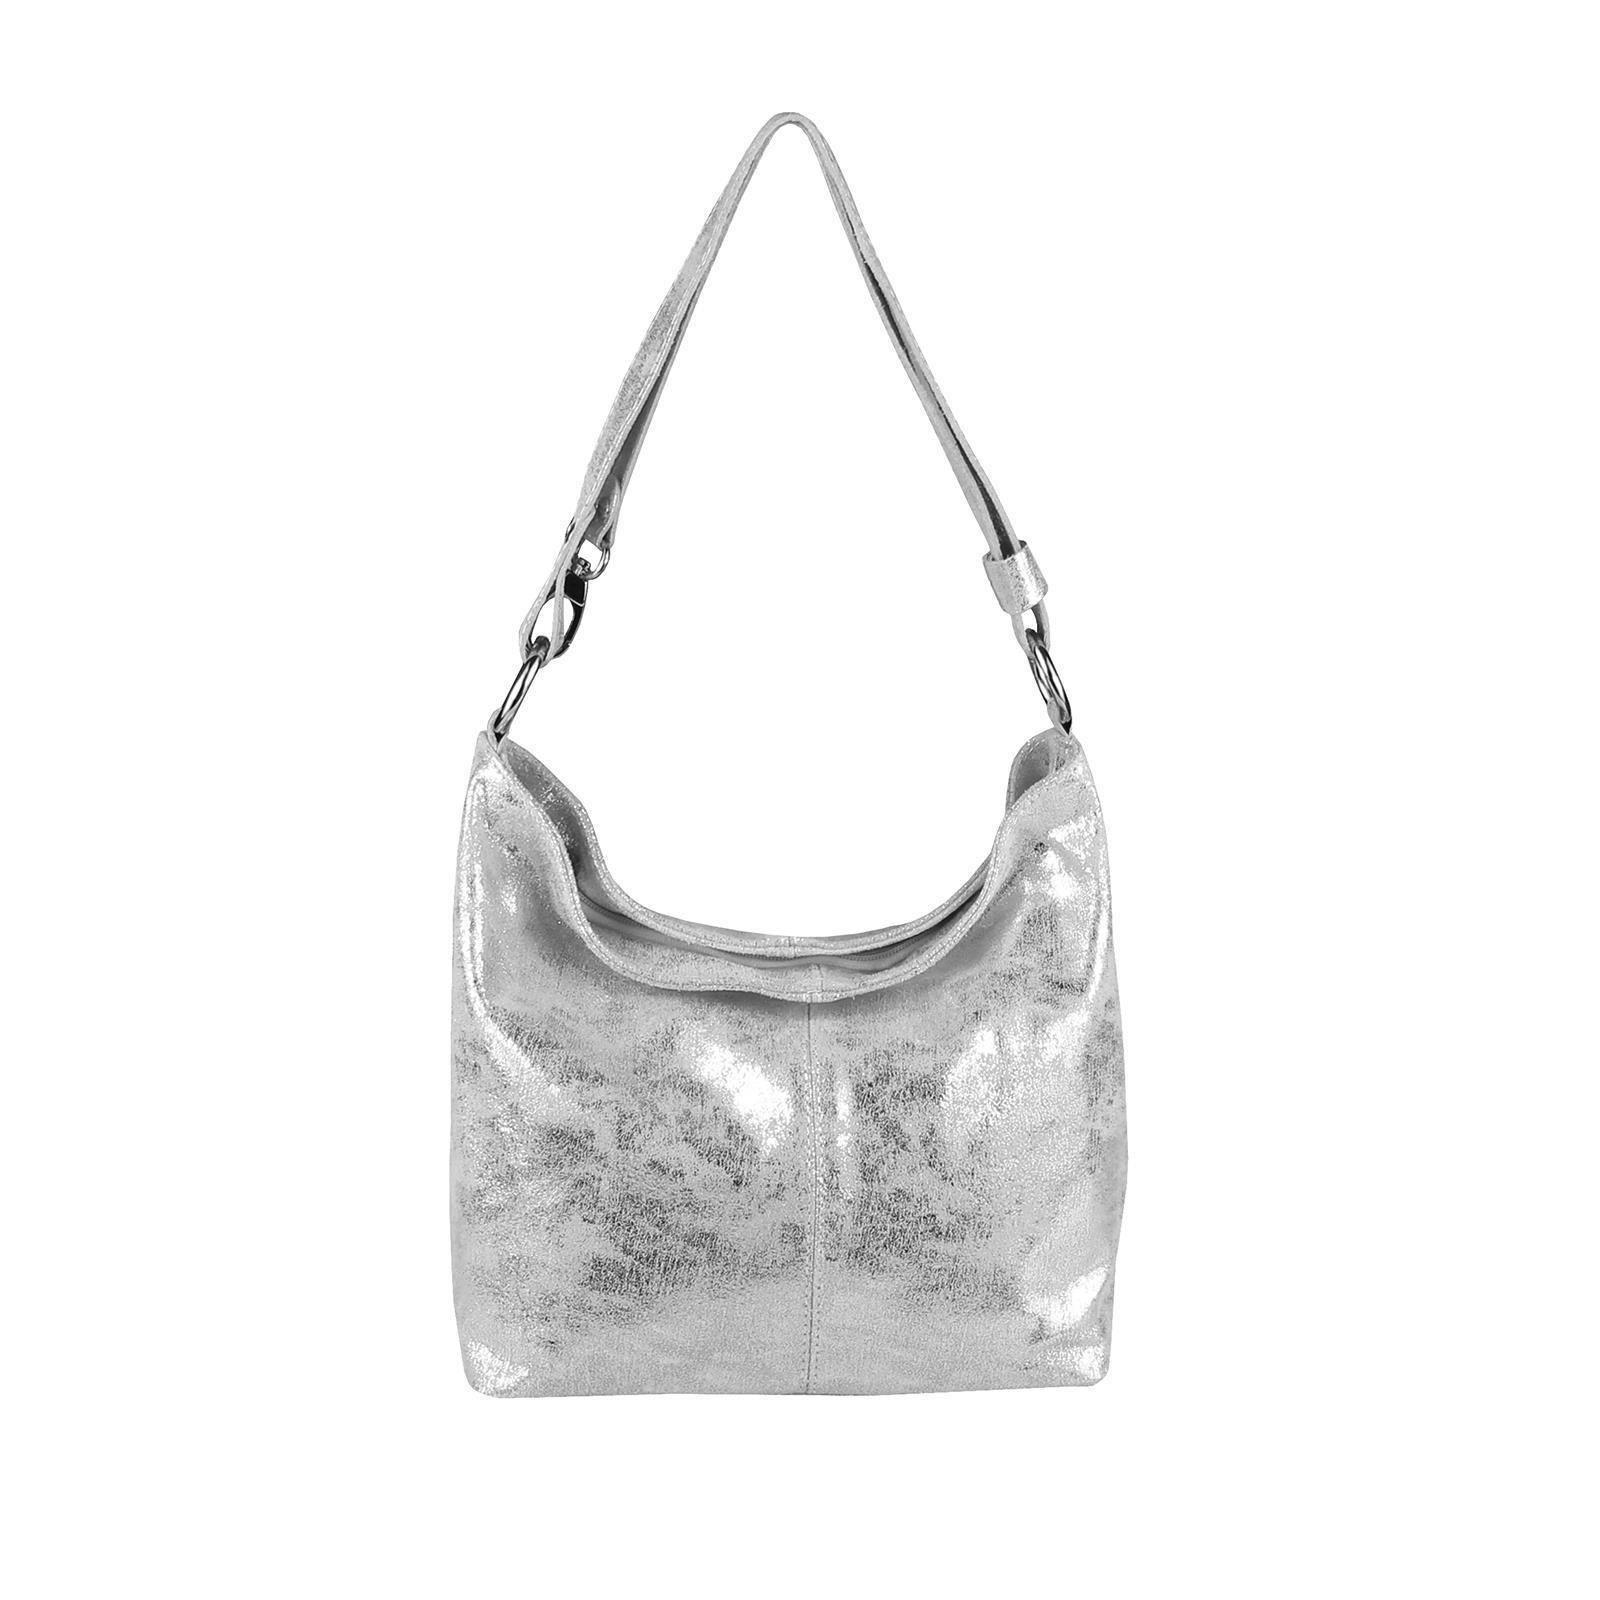 Clutch Damen Tasche Abendtasche Umhängetasche Handtasche Gold Silber bag сумка